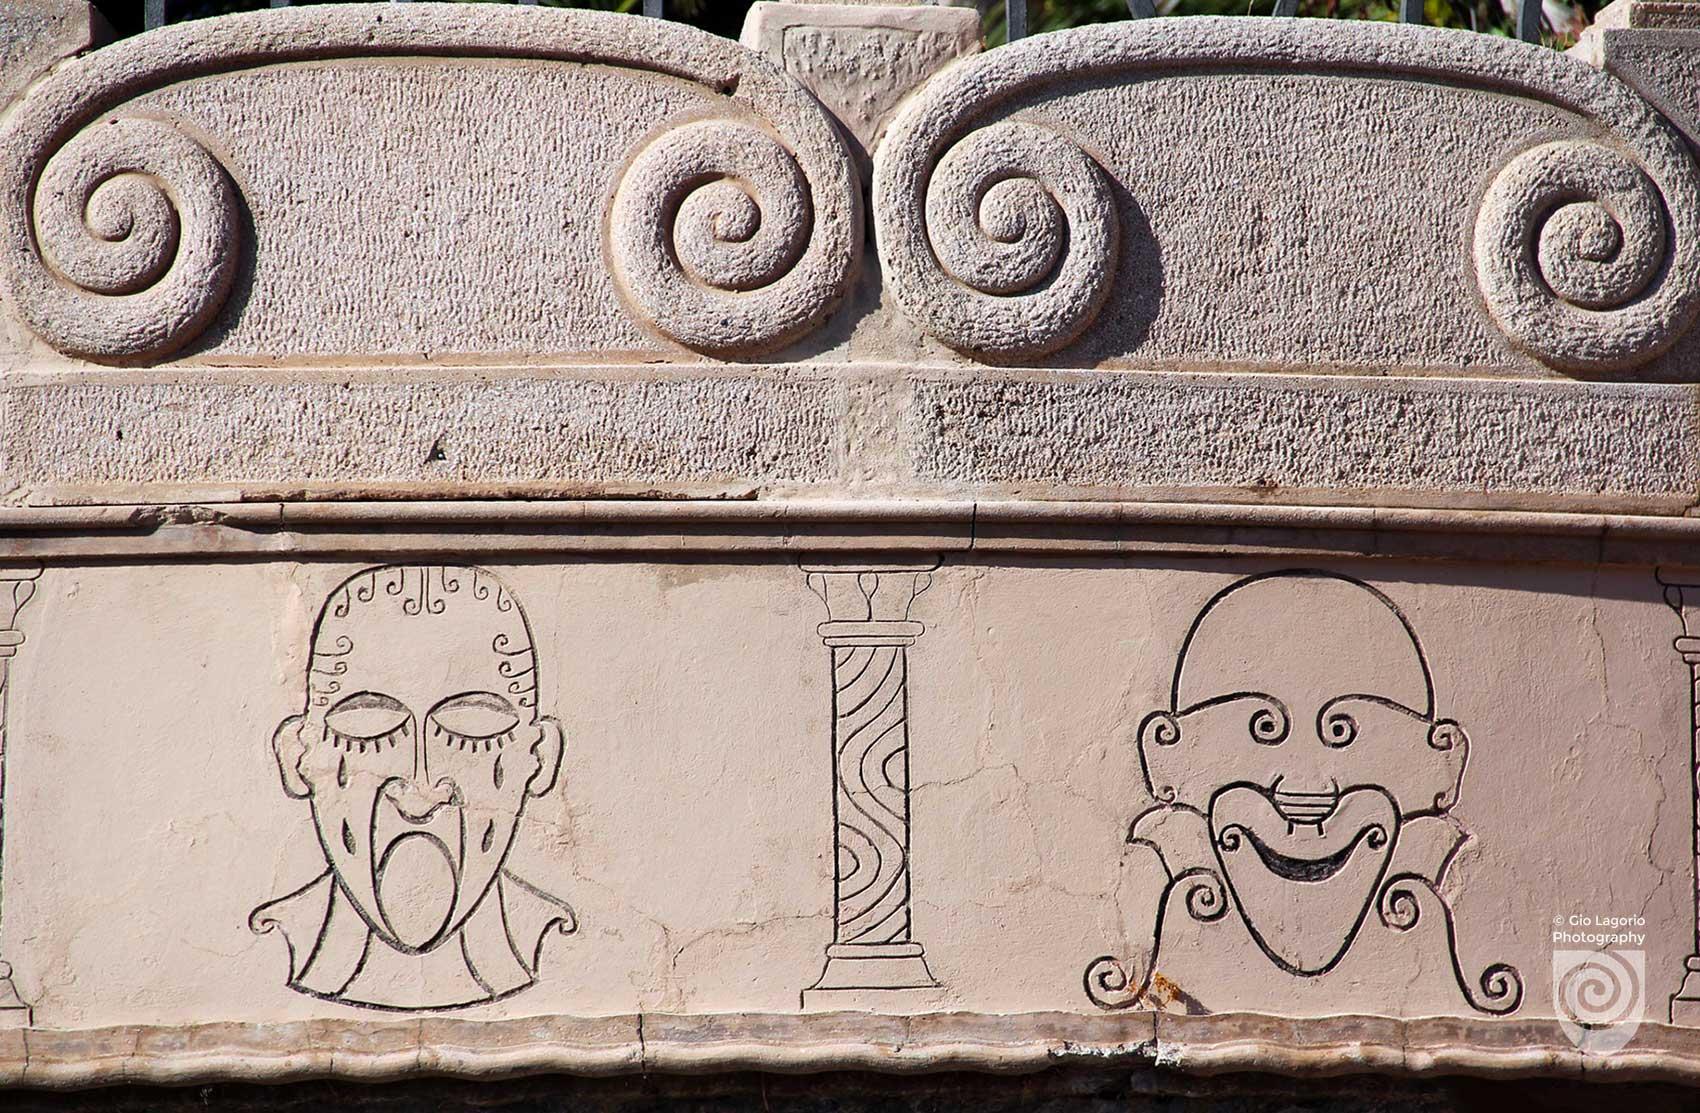 Maschere teatrali stilizzate realizzate du disegno di Grock